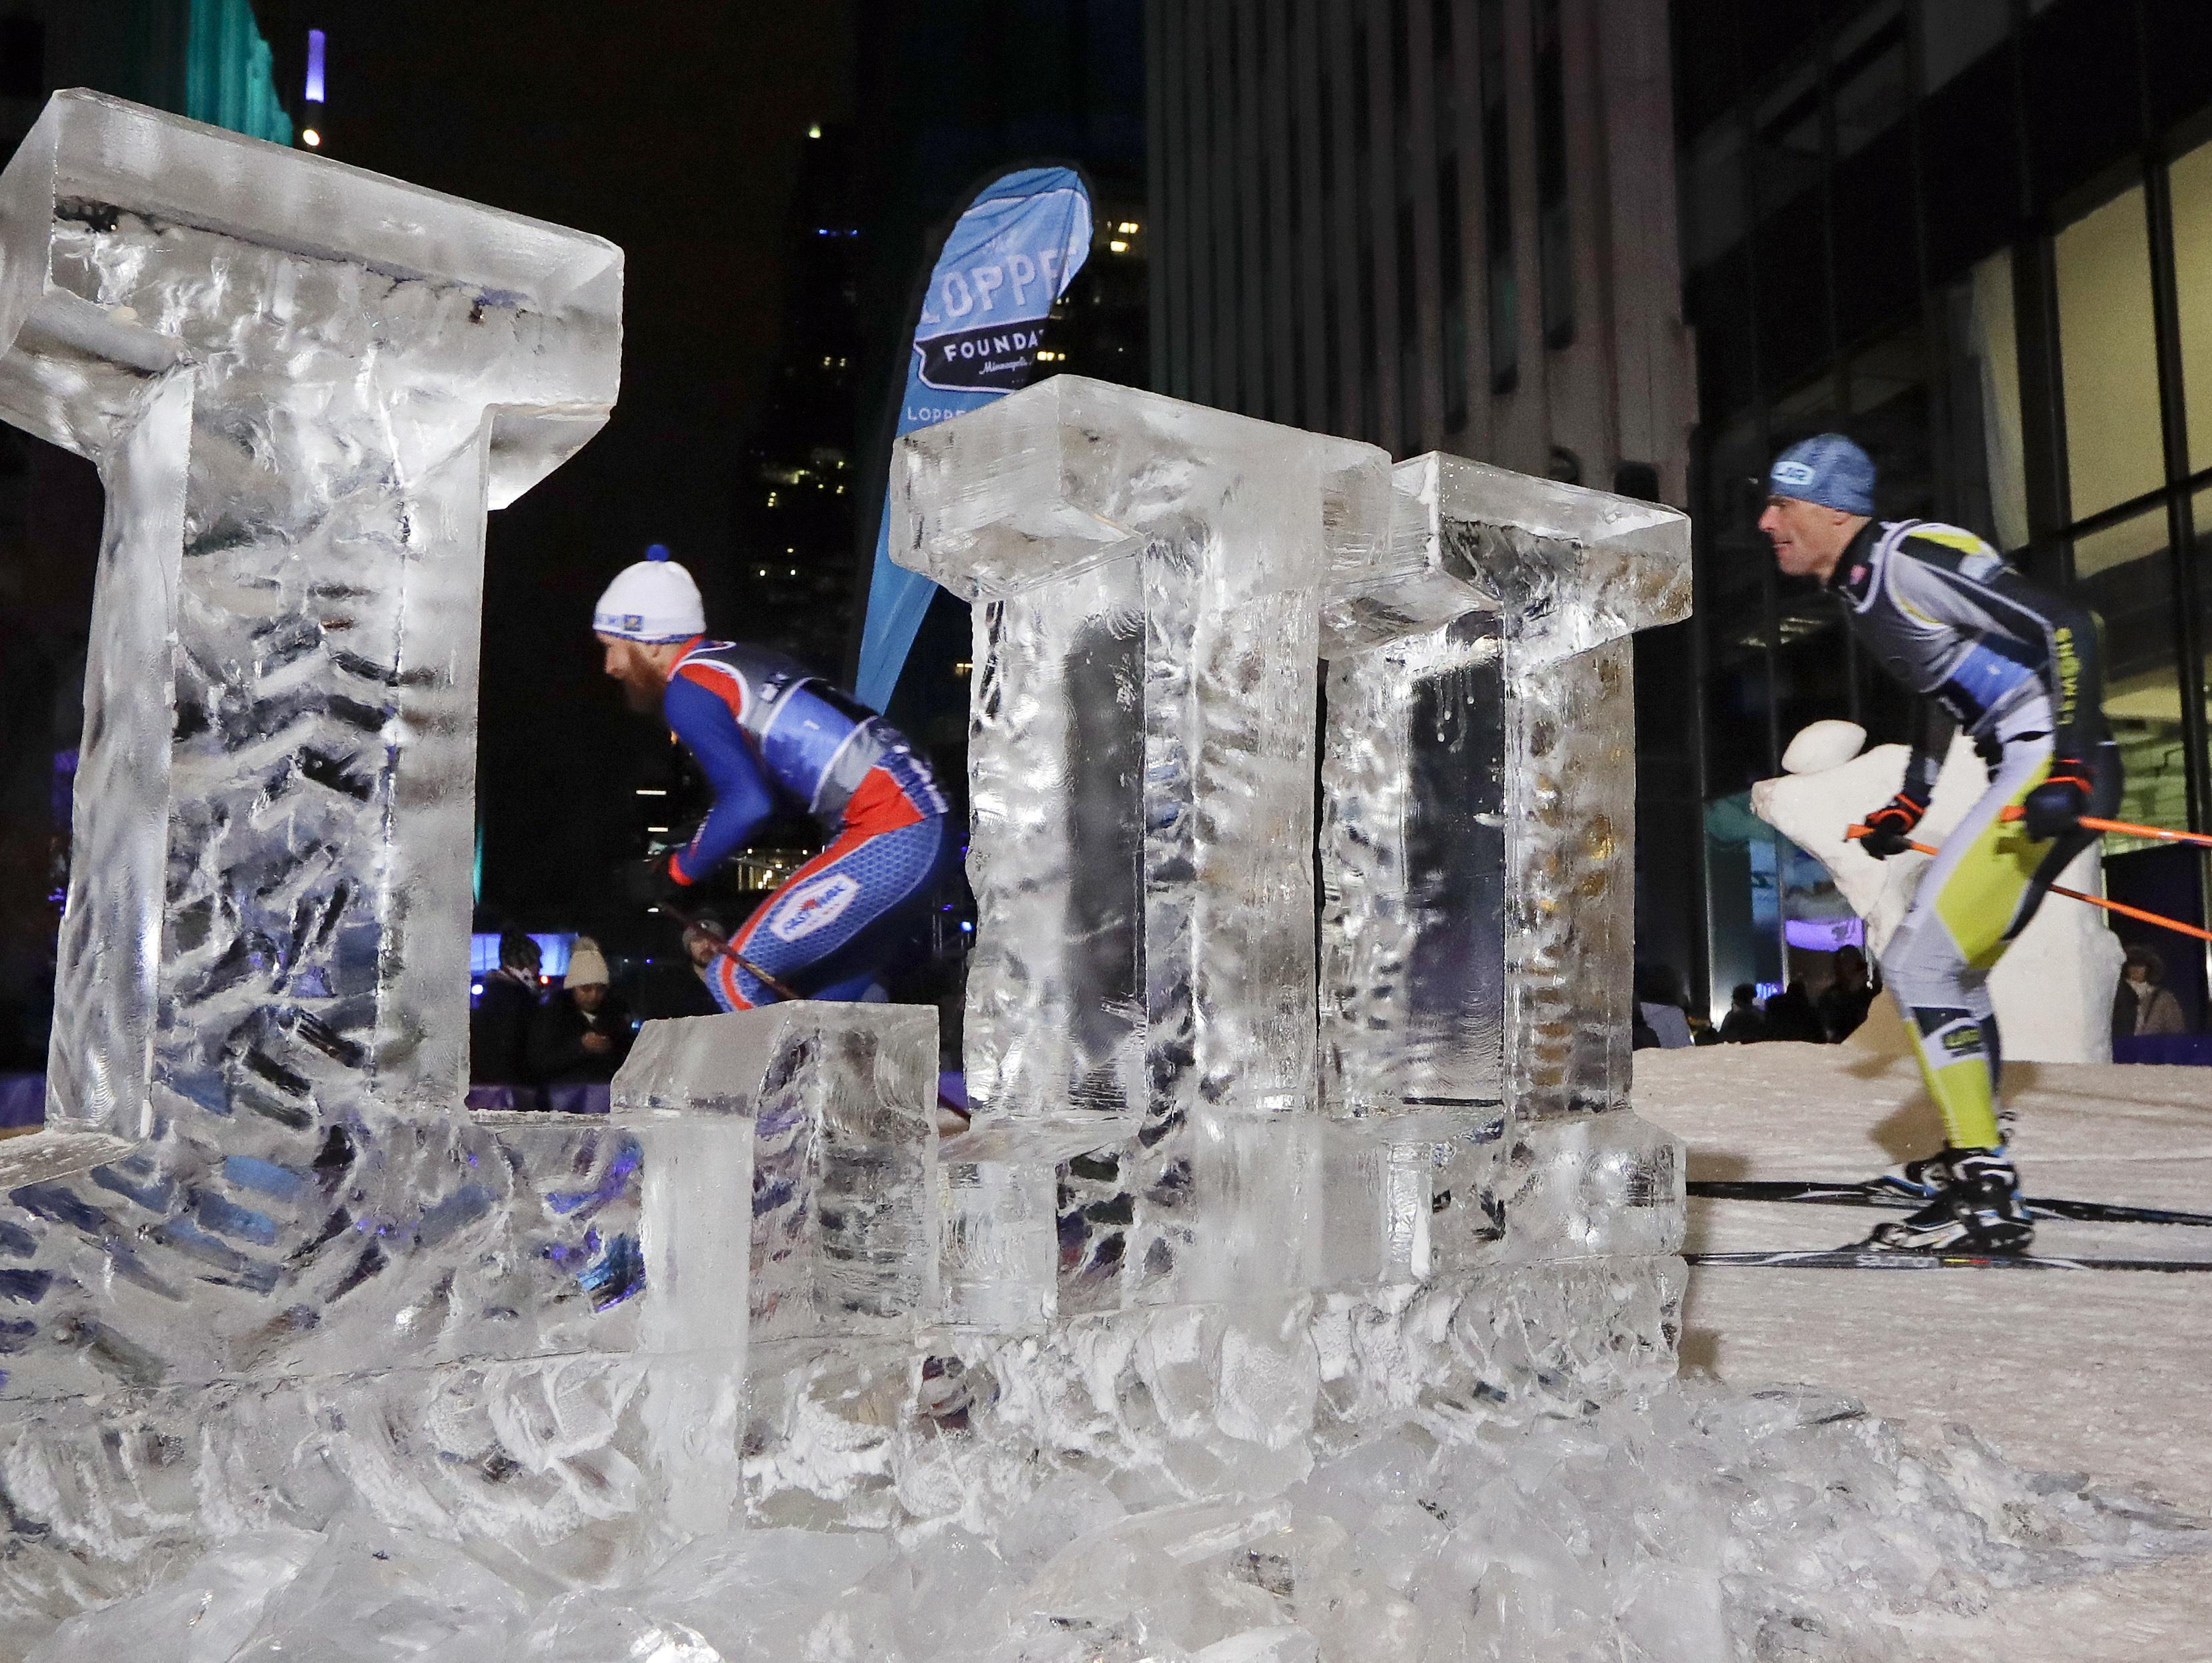 עידן הקרח:  מבט מקרוב על שבוע הסופרבול הקפוא בהיסטוריה